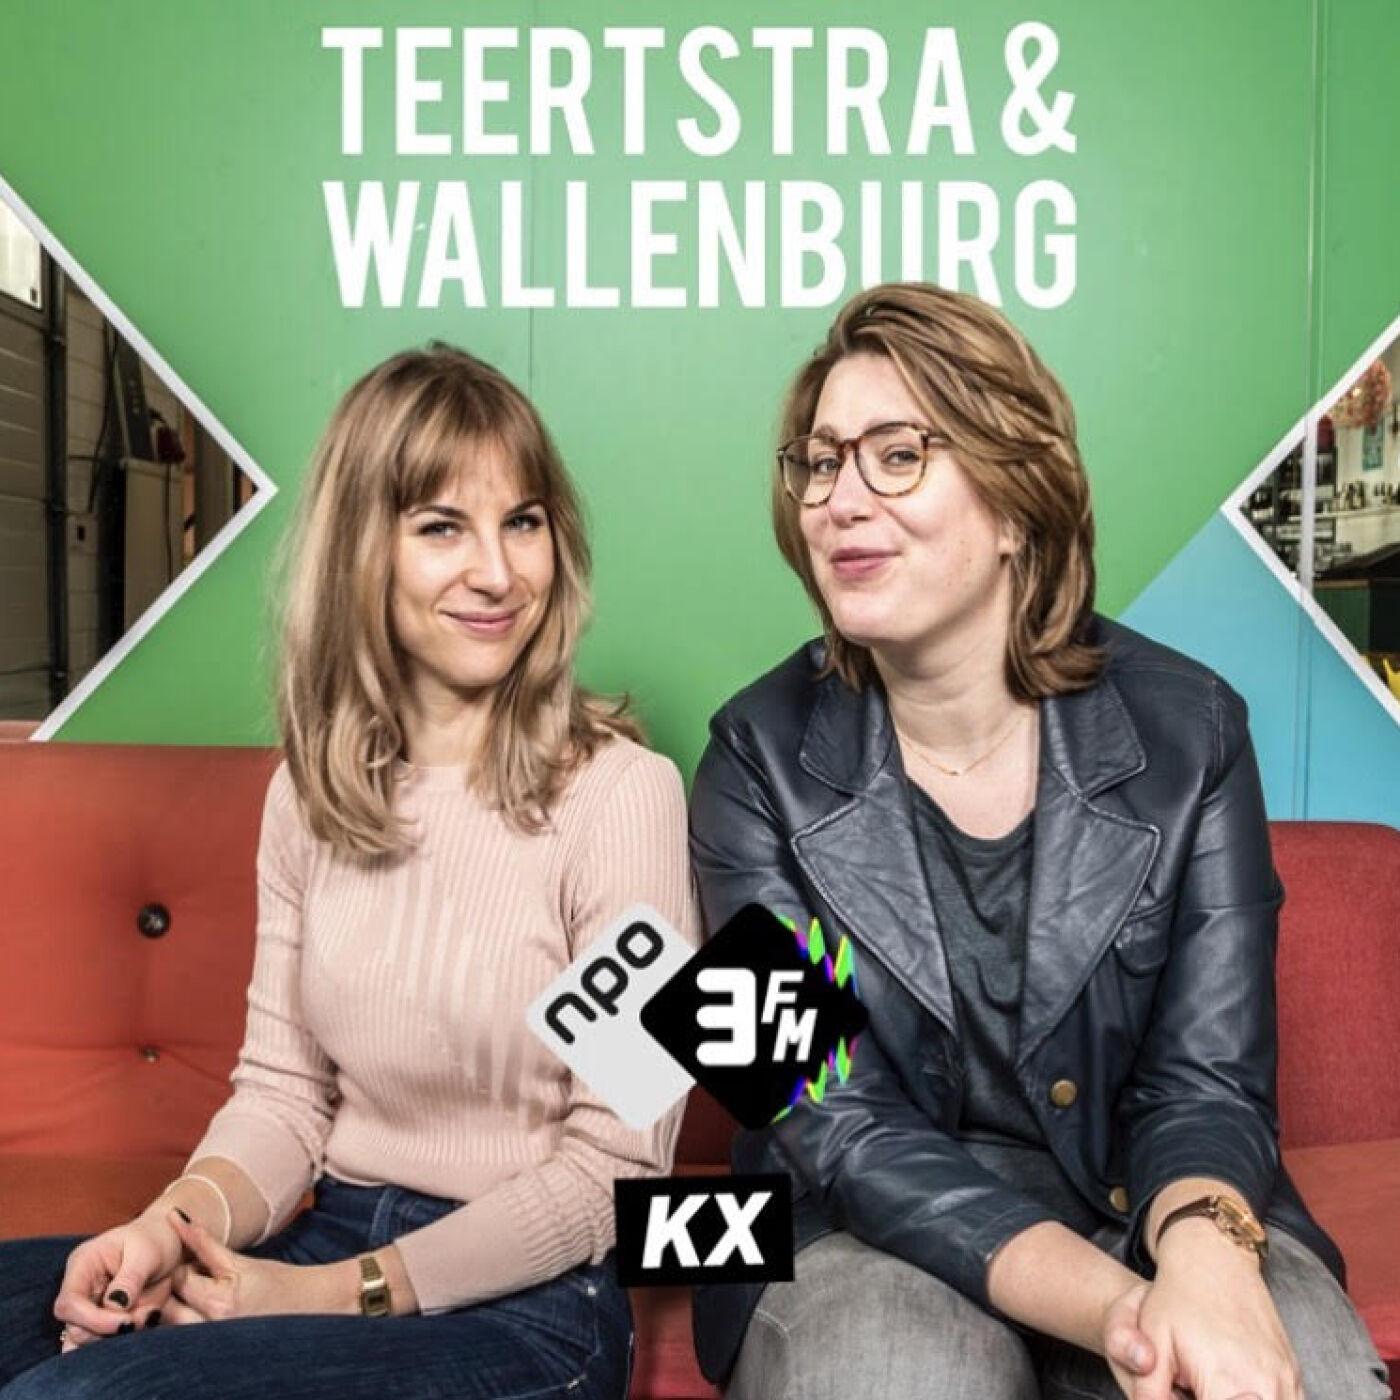 Teertstra & Wallenburg